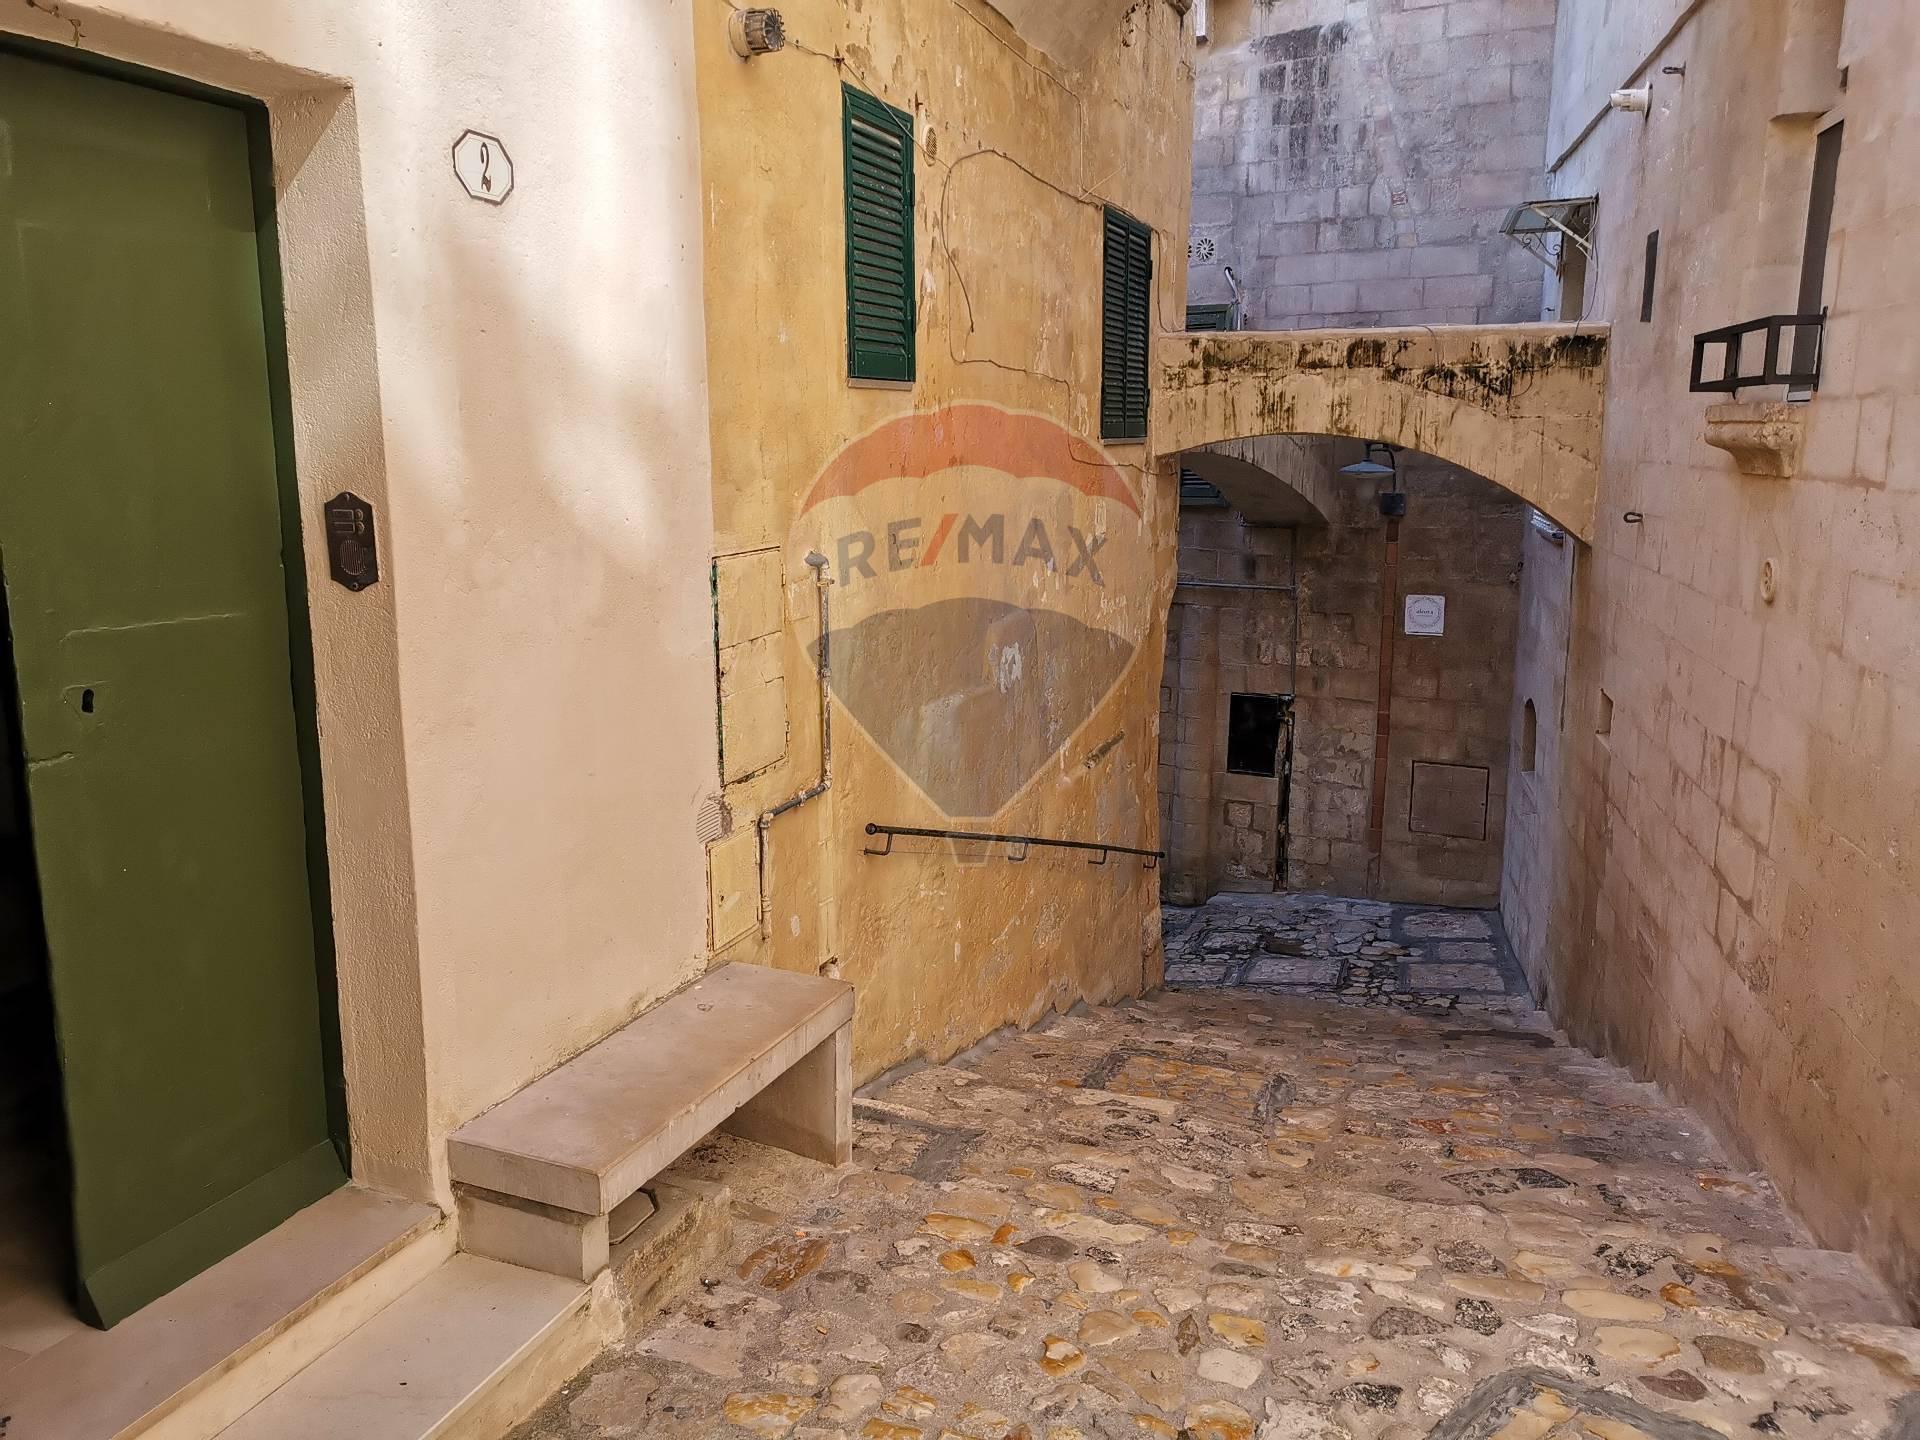 Appartamento in vendita a Matera, 2 locali, zona Località: Centrostorico, prezzo € 130.000 | CambioCasa.it